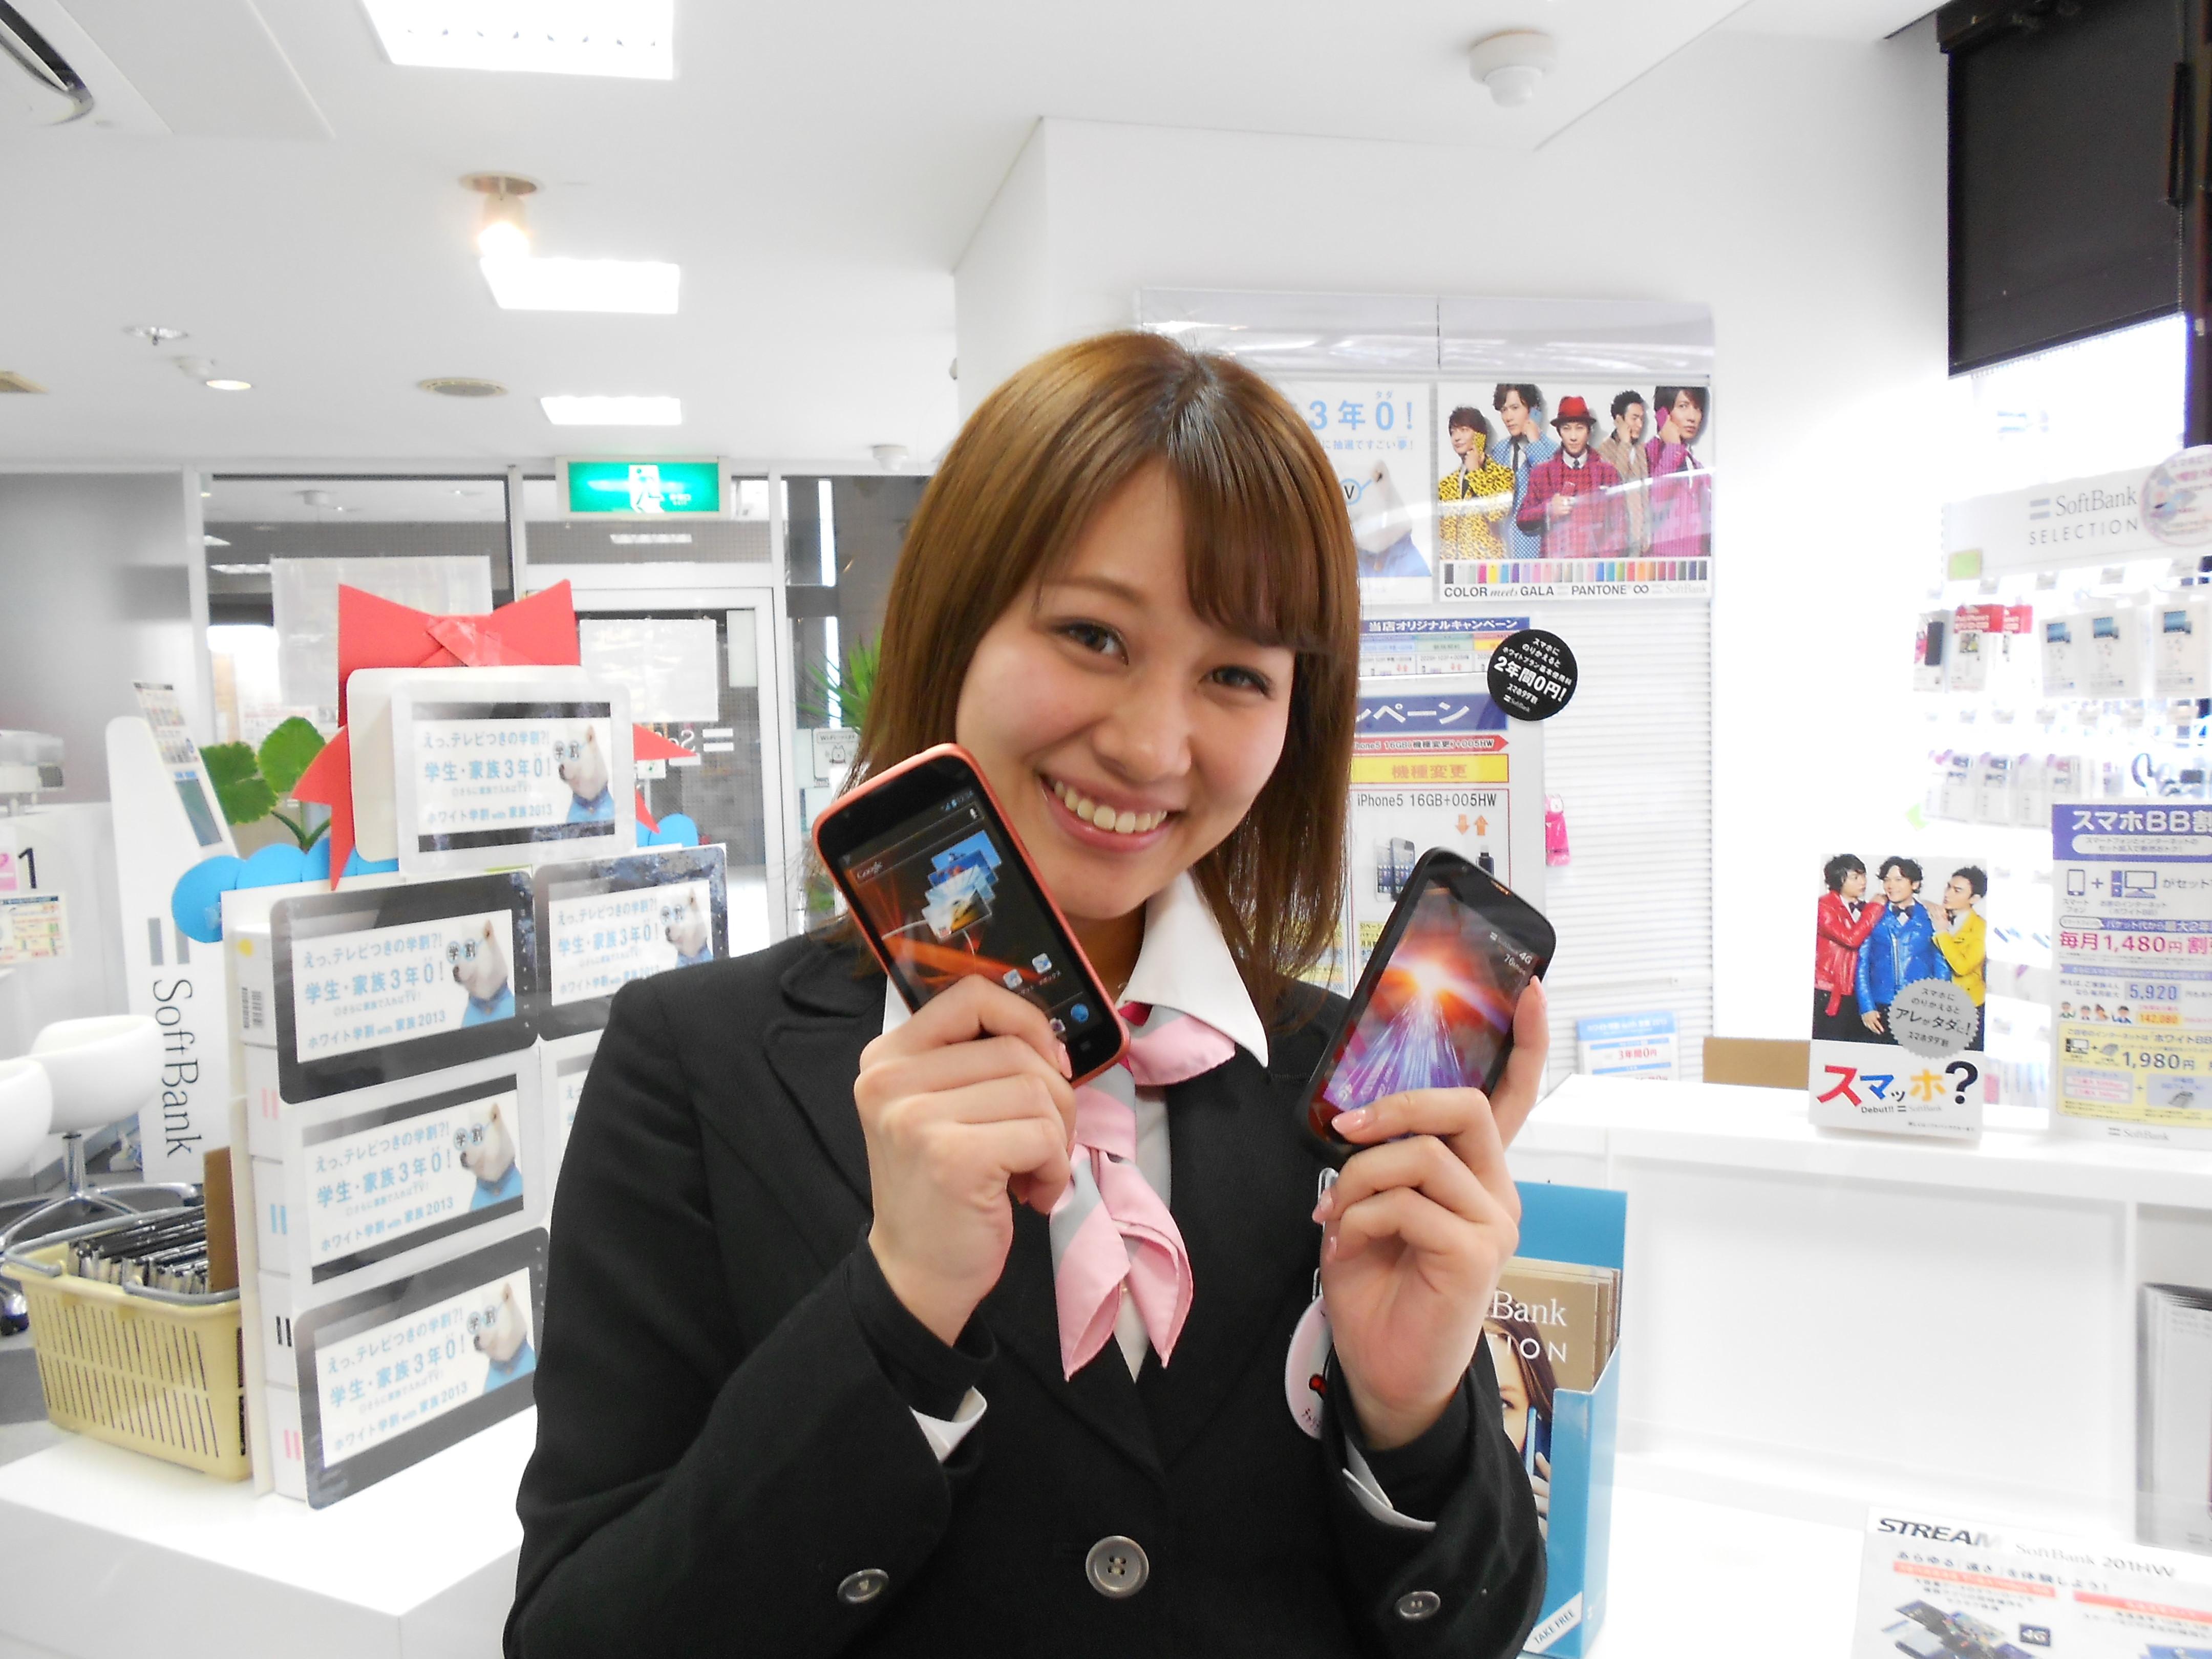 ソフトバンク 津田沼パルコ(株式会社シエロ)のアルバイト情報